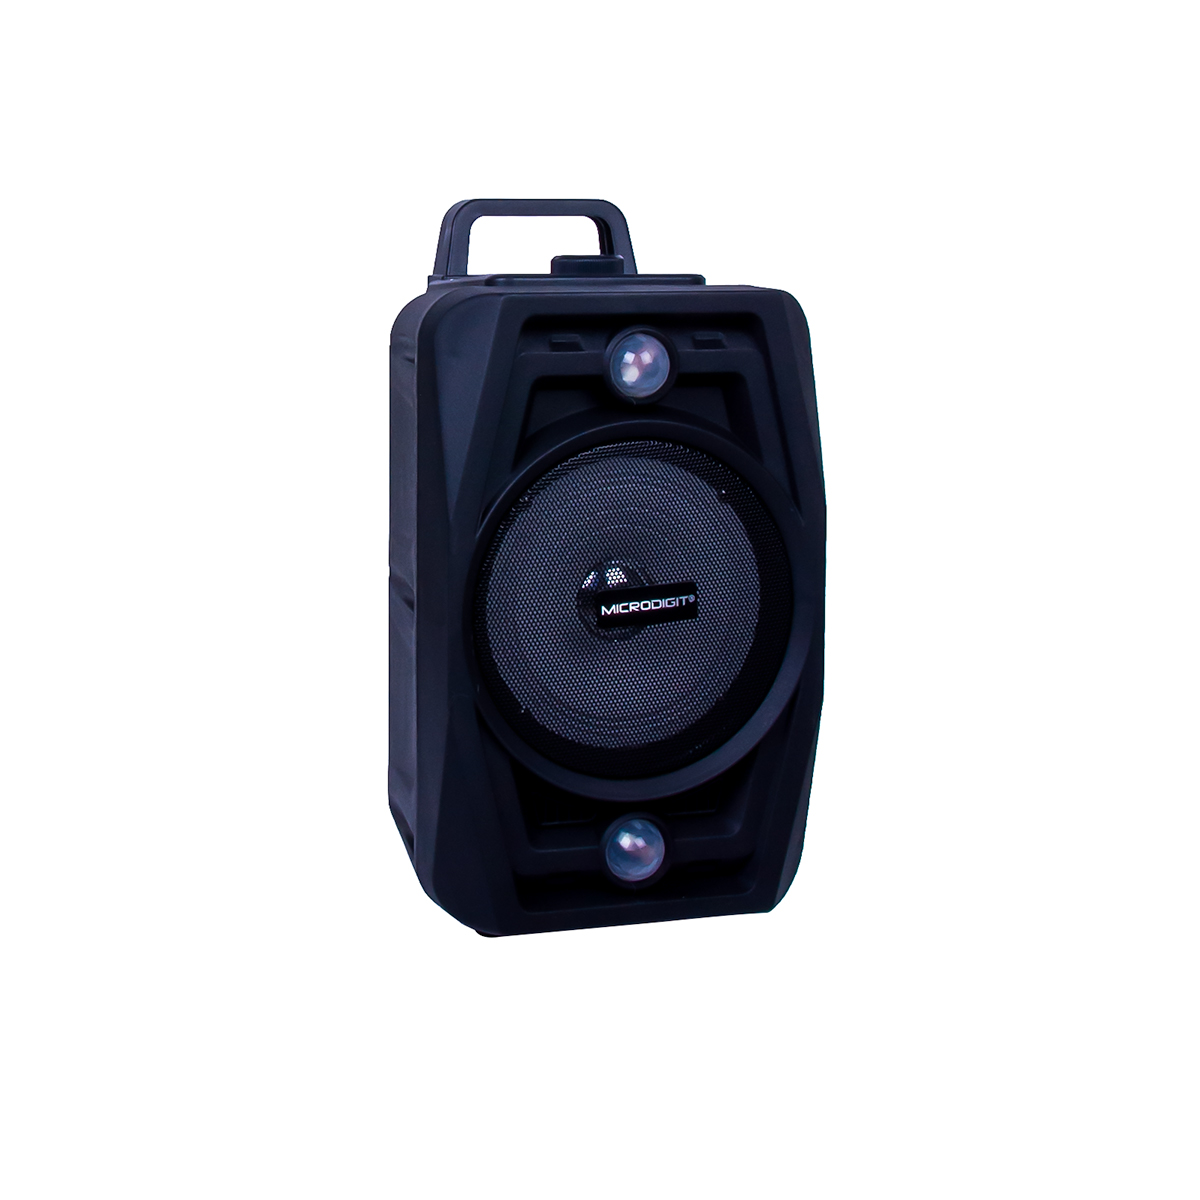 مكبر صوت محمول وقابل للشحن 20 وط - MRS2201PS